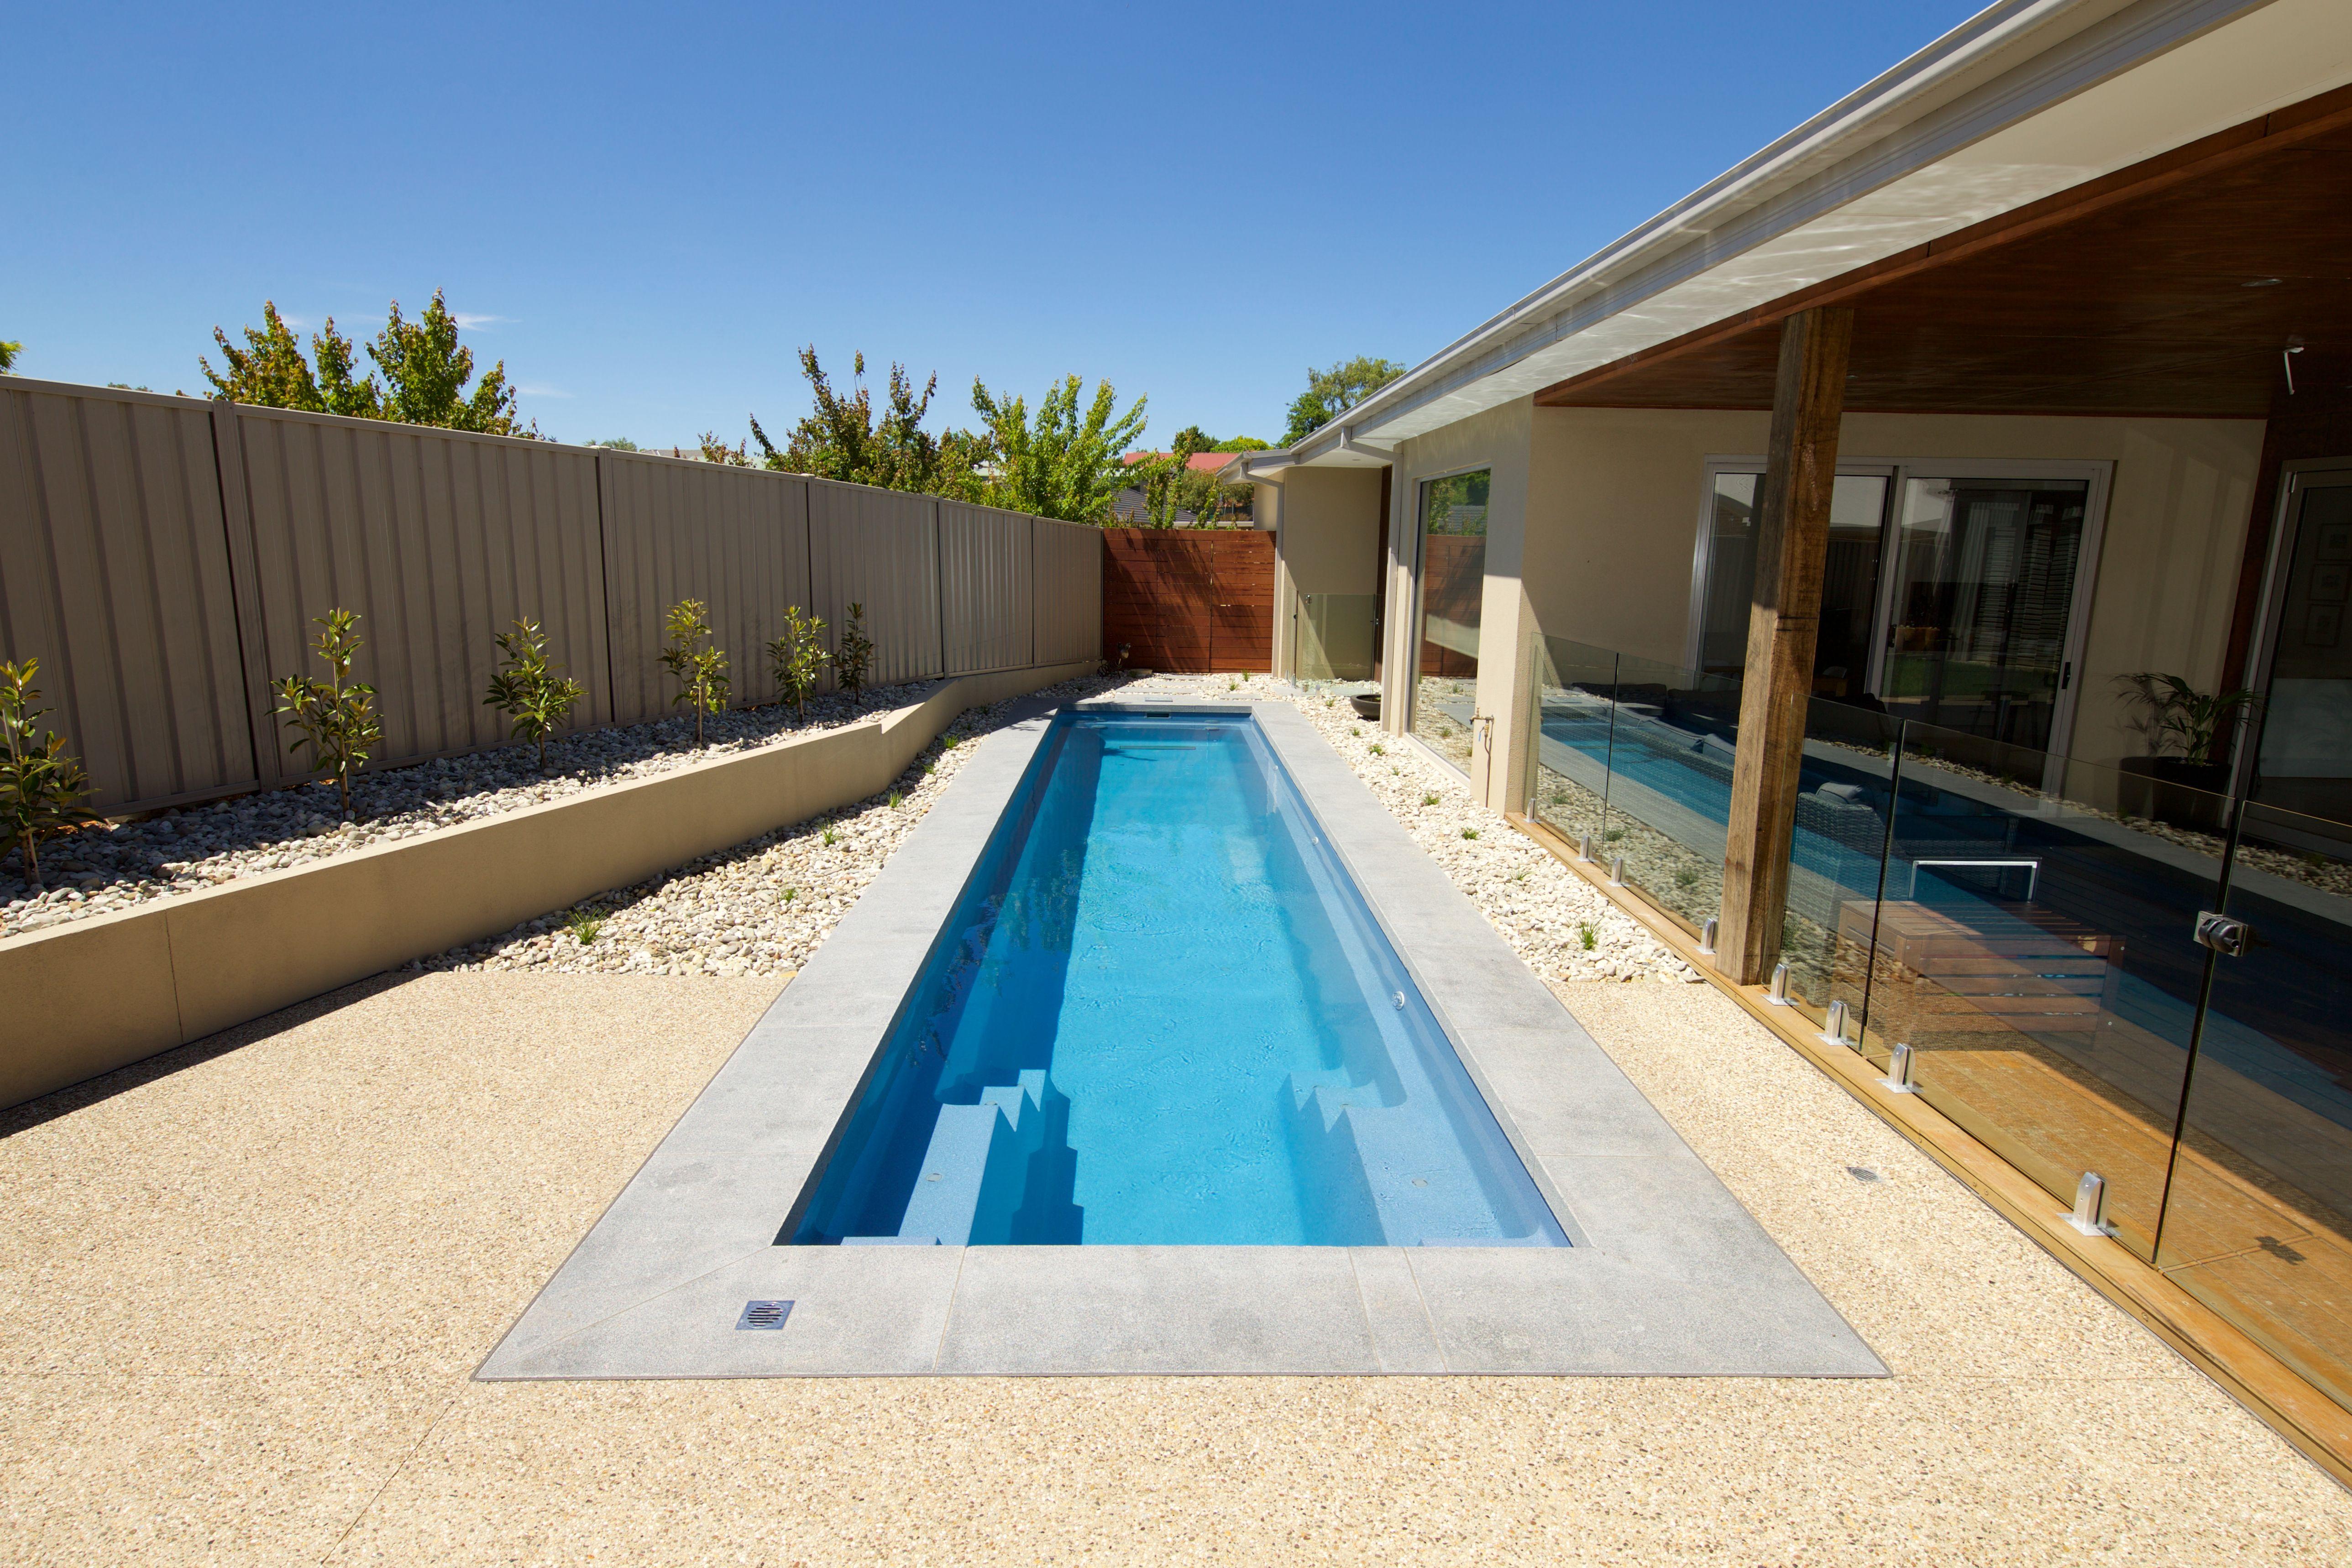 Lap Swimming Pool Pool Lap Swimming Swimming Pool Designs